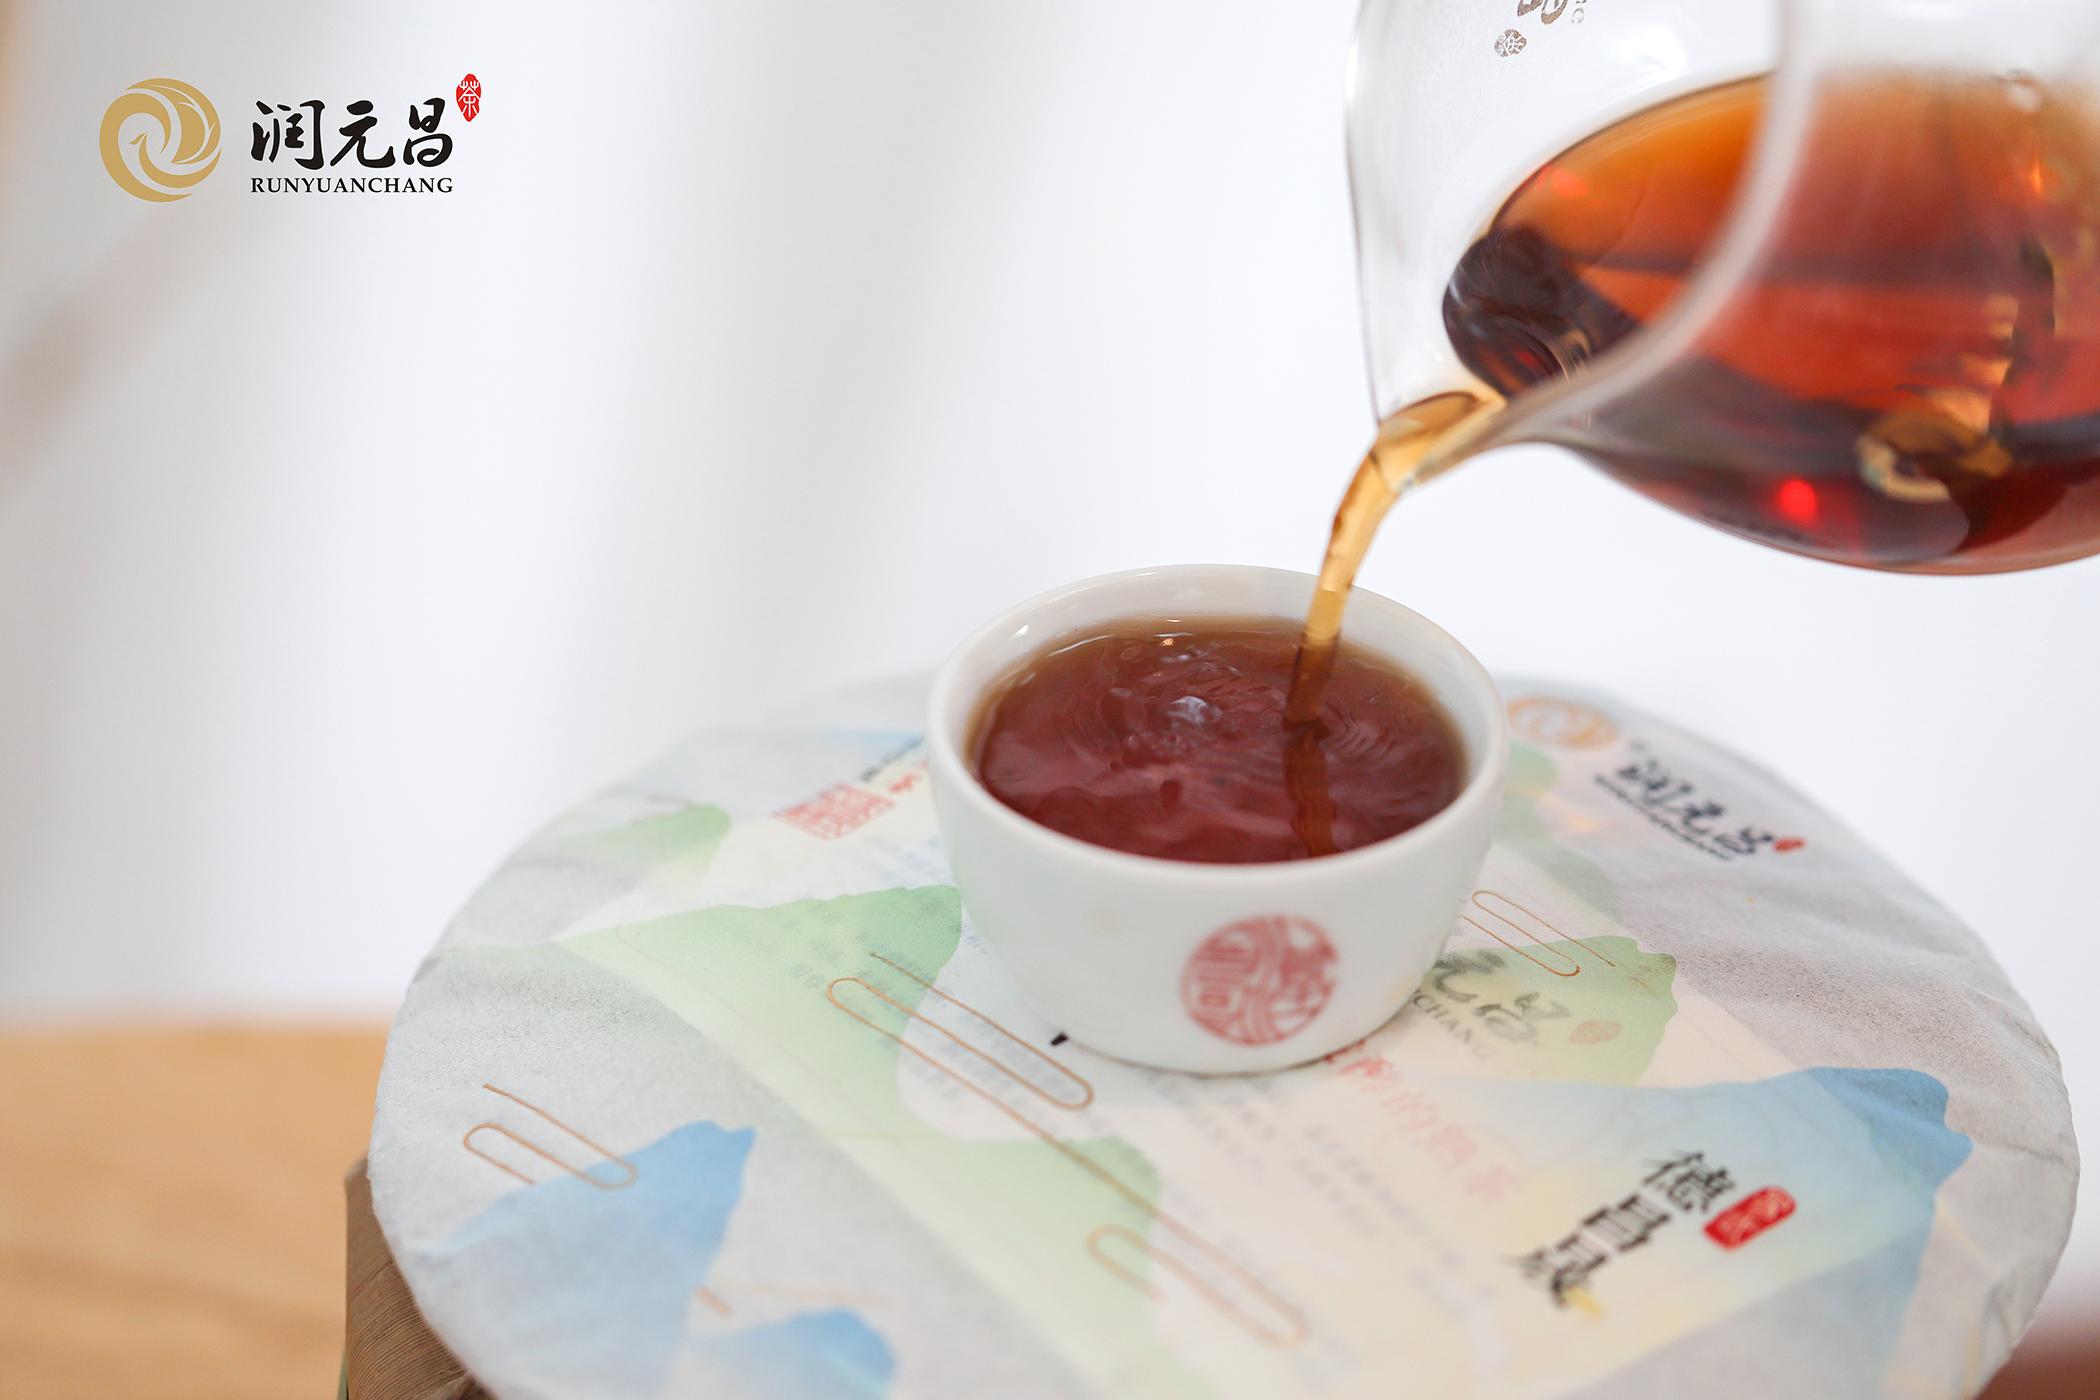 普洱茶加盟店-潤元昌